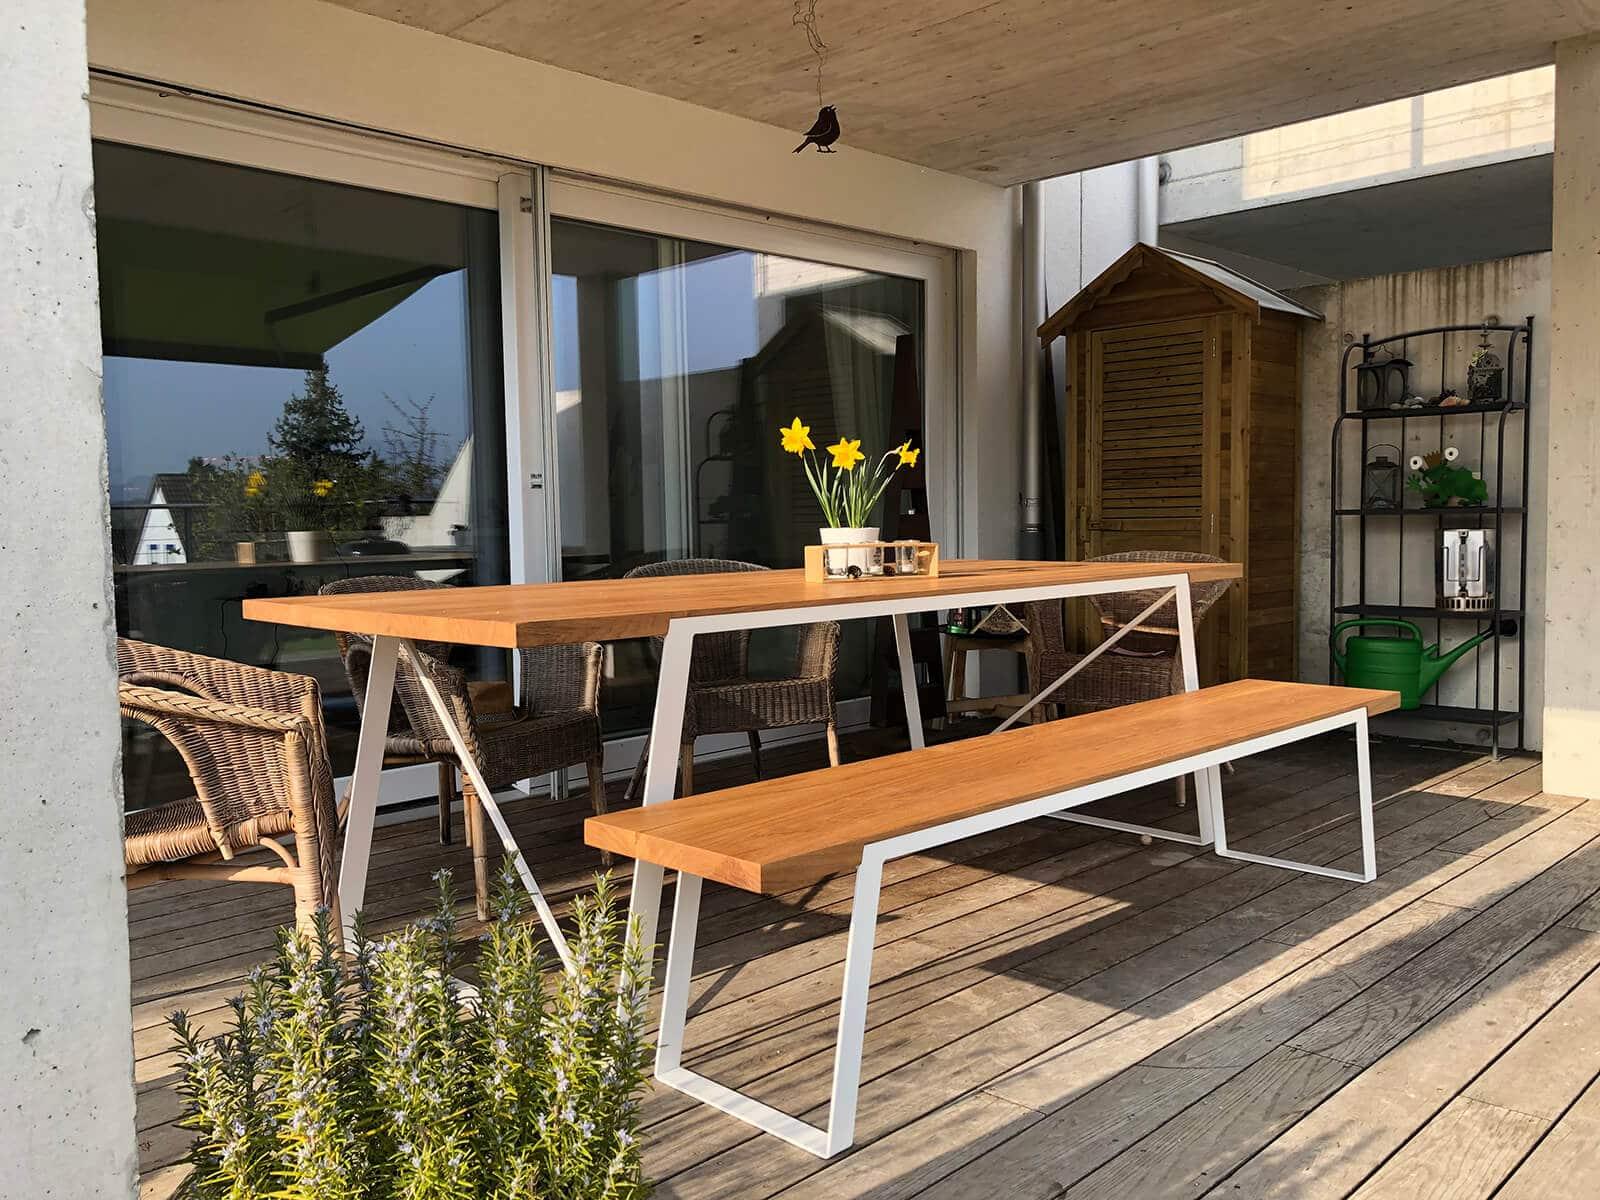 Design Esstisch Massivholz Eiche Tisch 109 N51e12 Design Manufacture